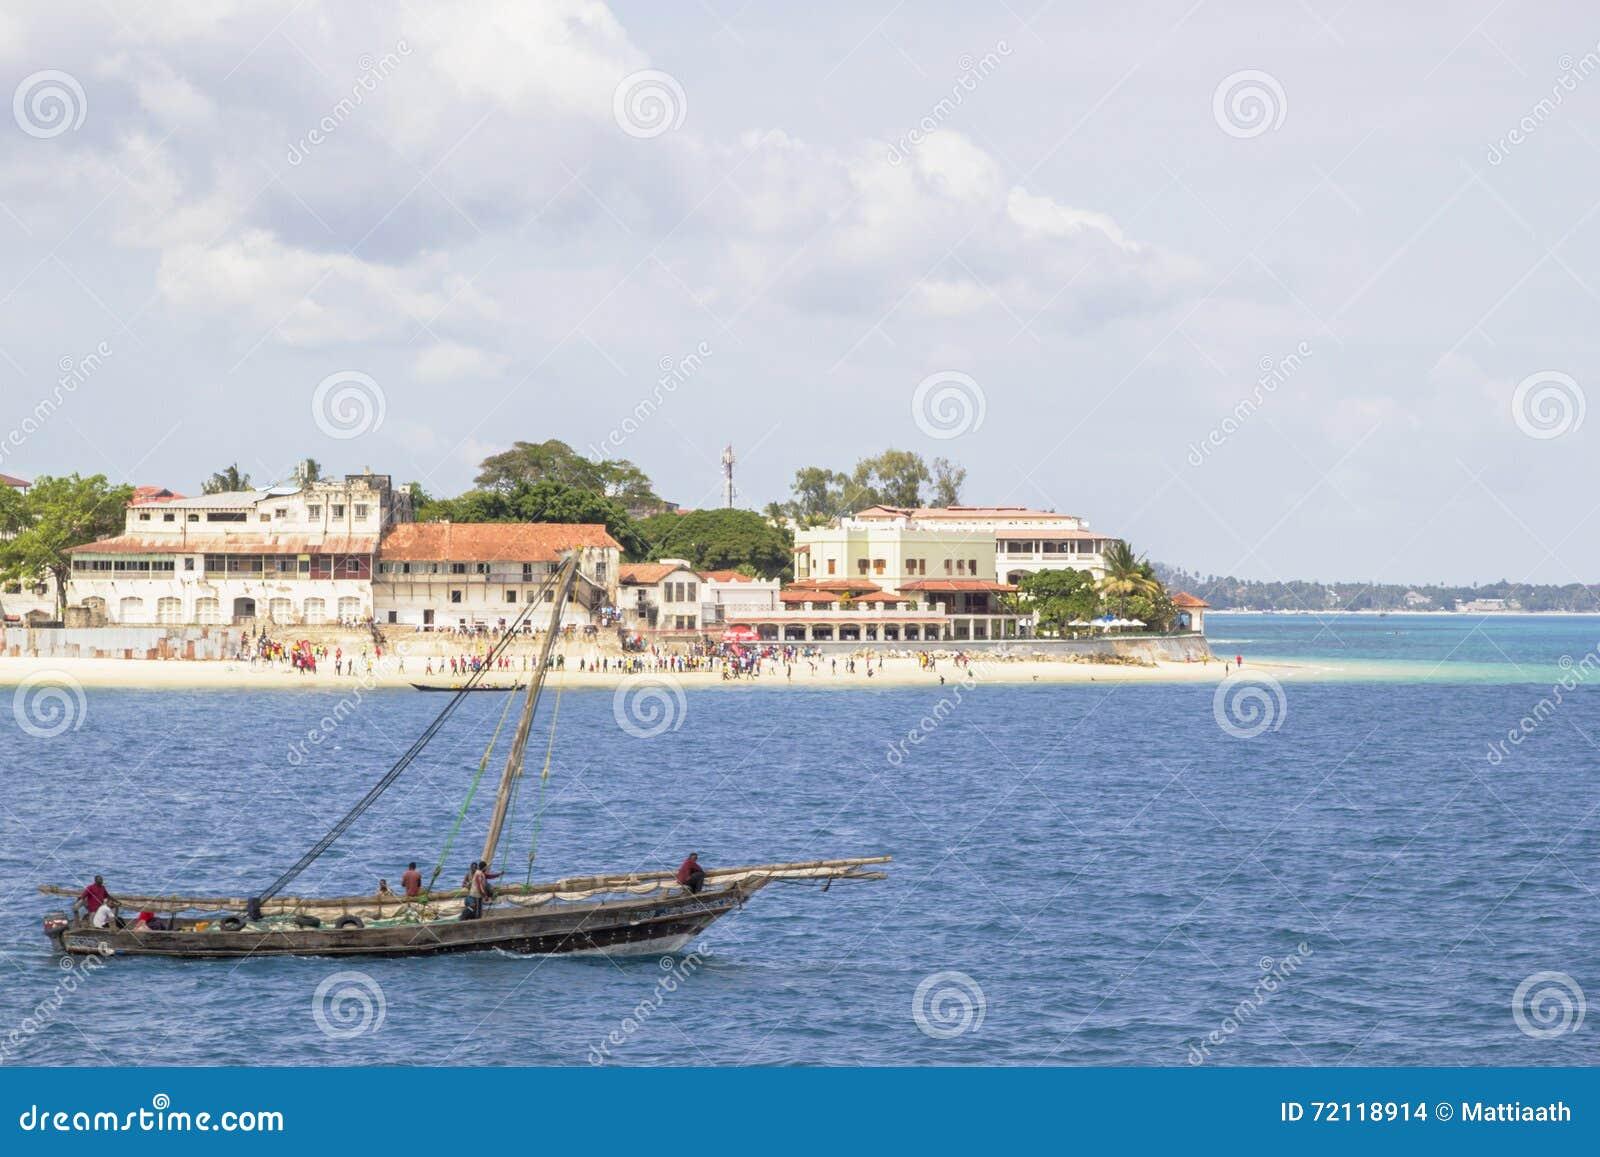 Barco tradicional do dhow que viaja ao longo da costa de Zanzibar